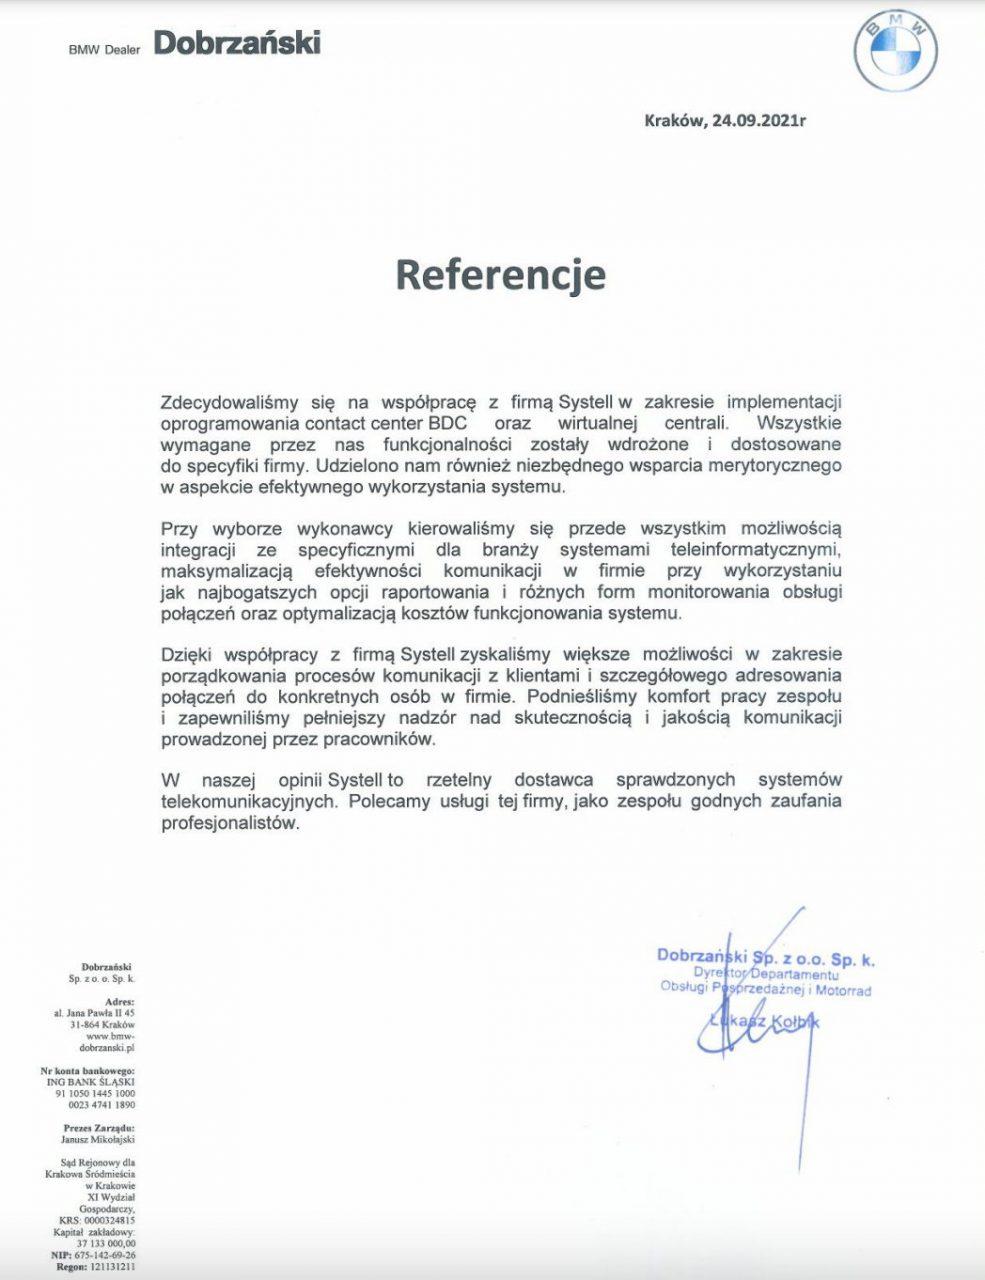 BMW Dobrzański referencje